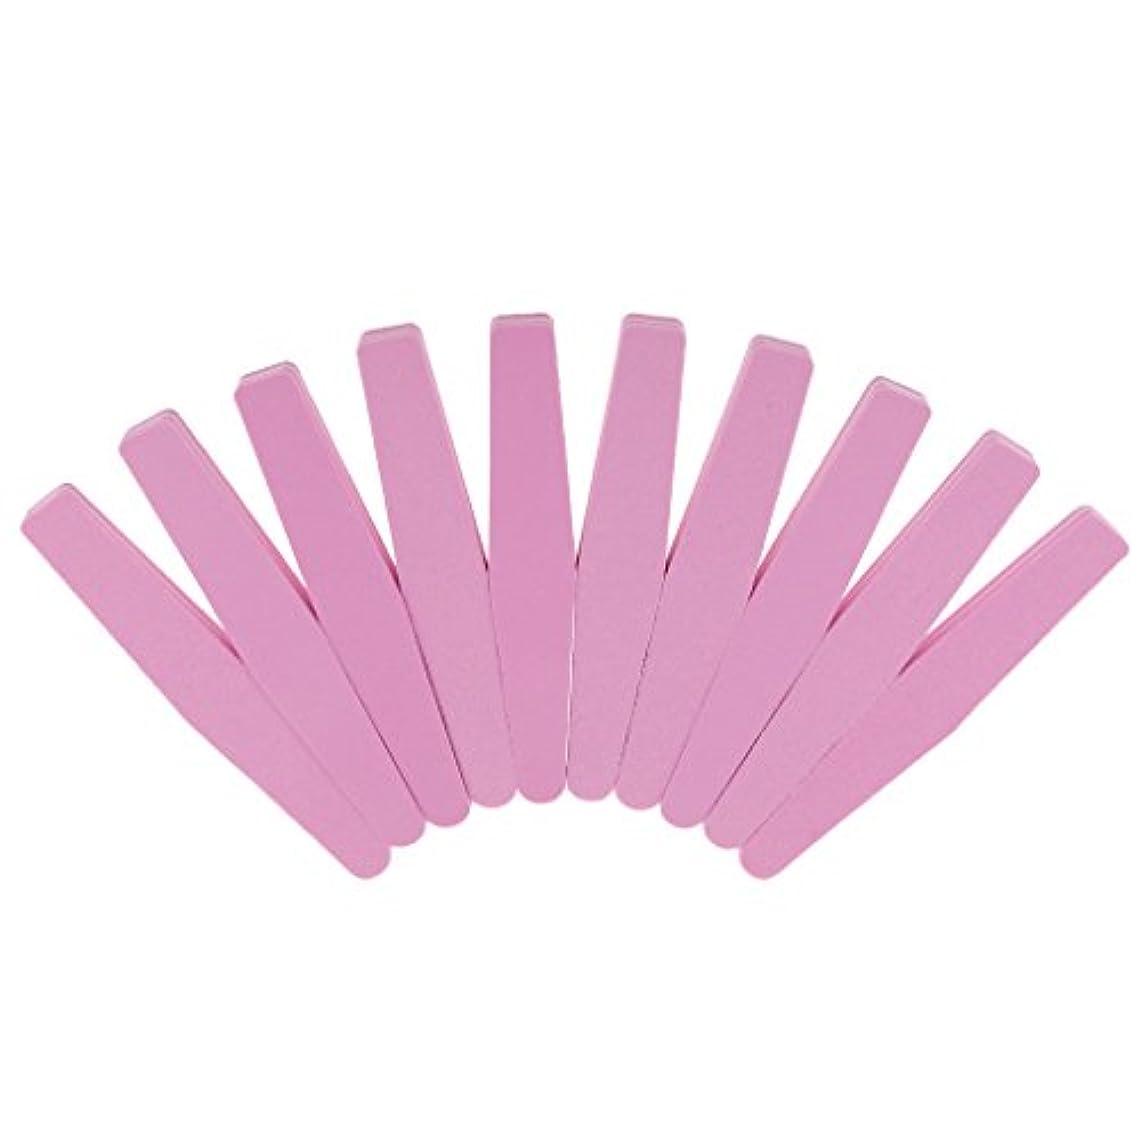 スカープ未満気をつけて爪やすり スポンジ カラー:ランダム 10本セット ネイルアート マニキュア ペディキュア 研磨